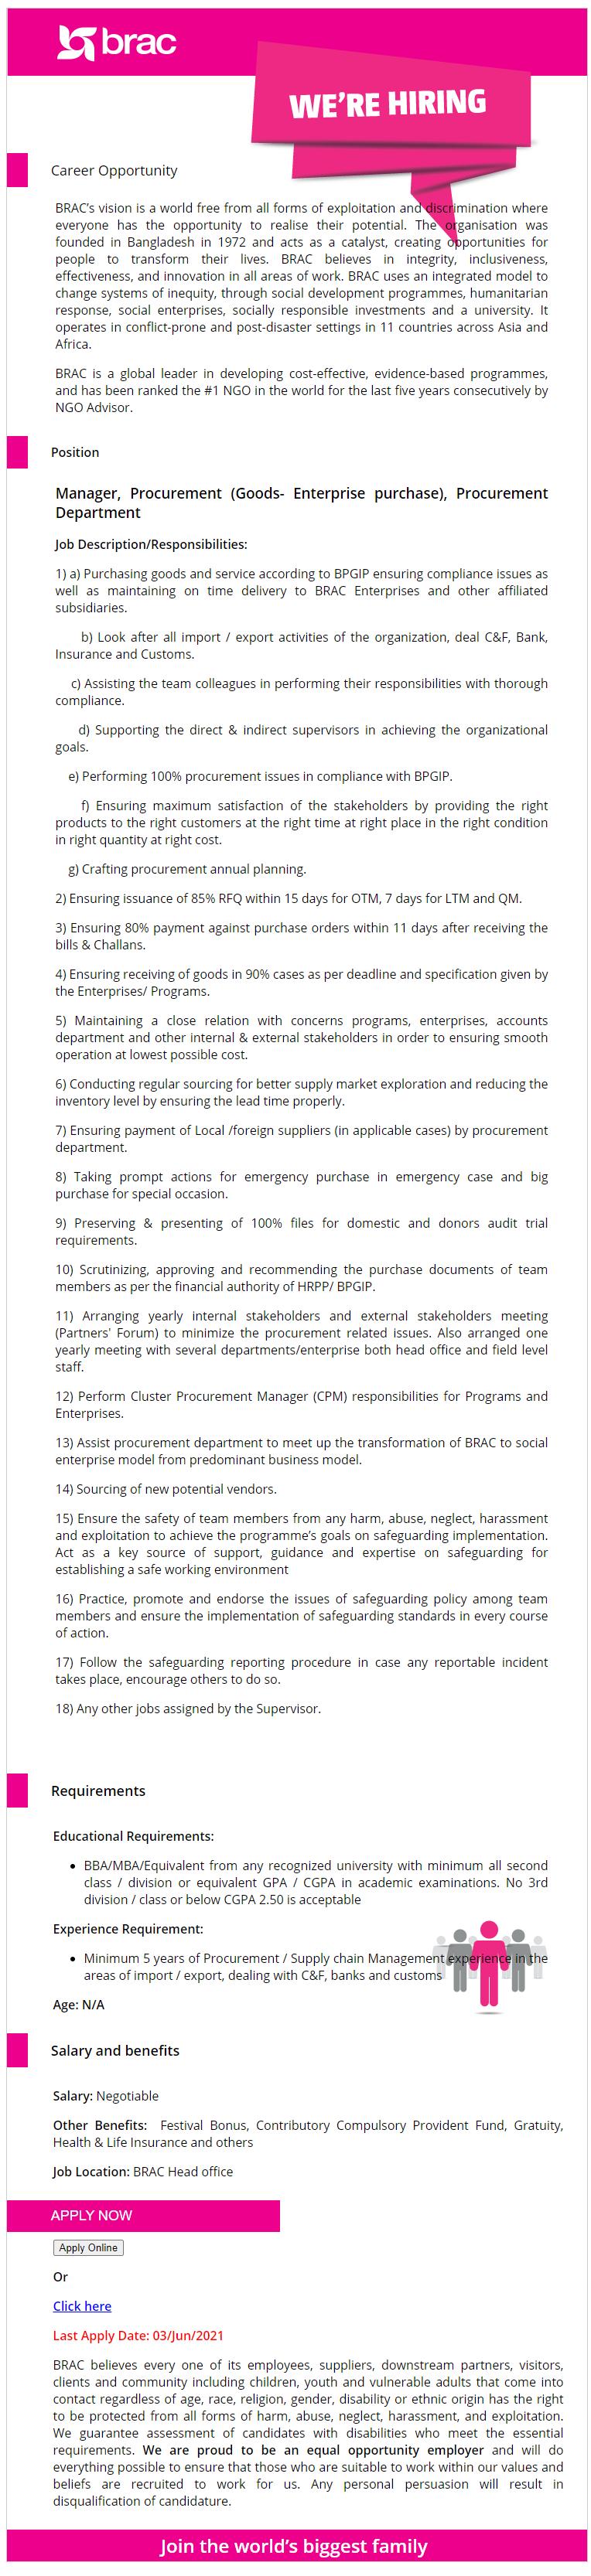 ব্র্যাক এনজিও নিয়োগ বিজ্ঞপ্তি ২০২১ - BRAC NGO Job Circular 2021